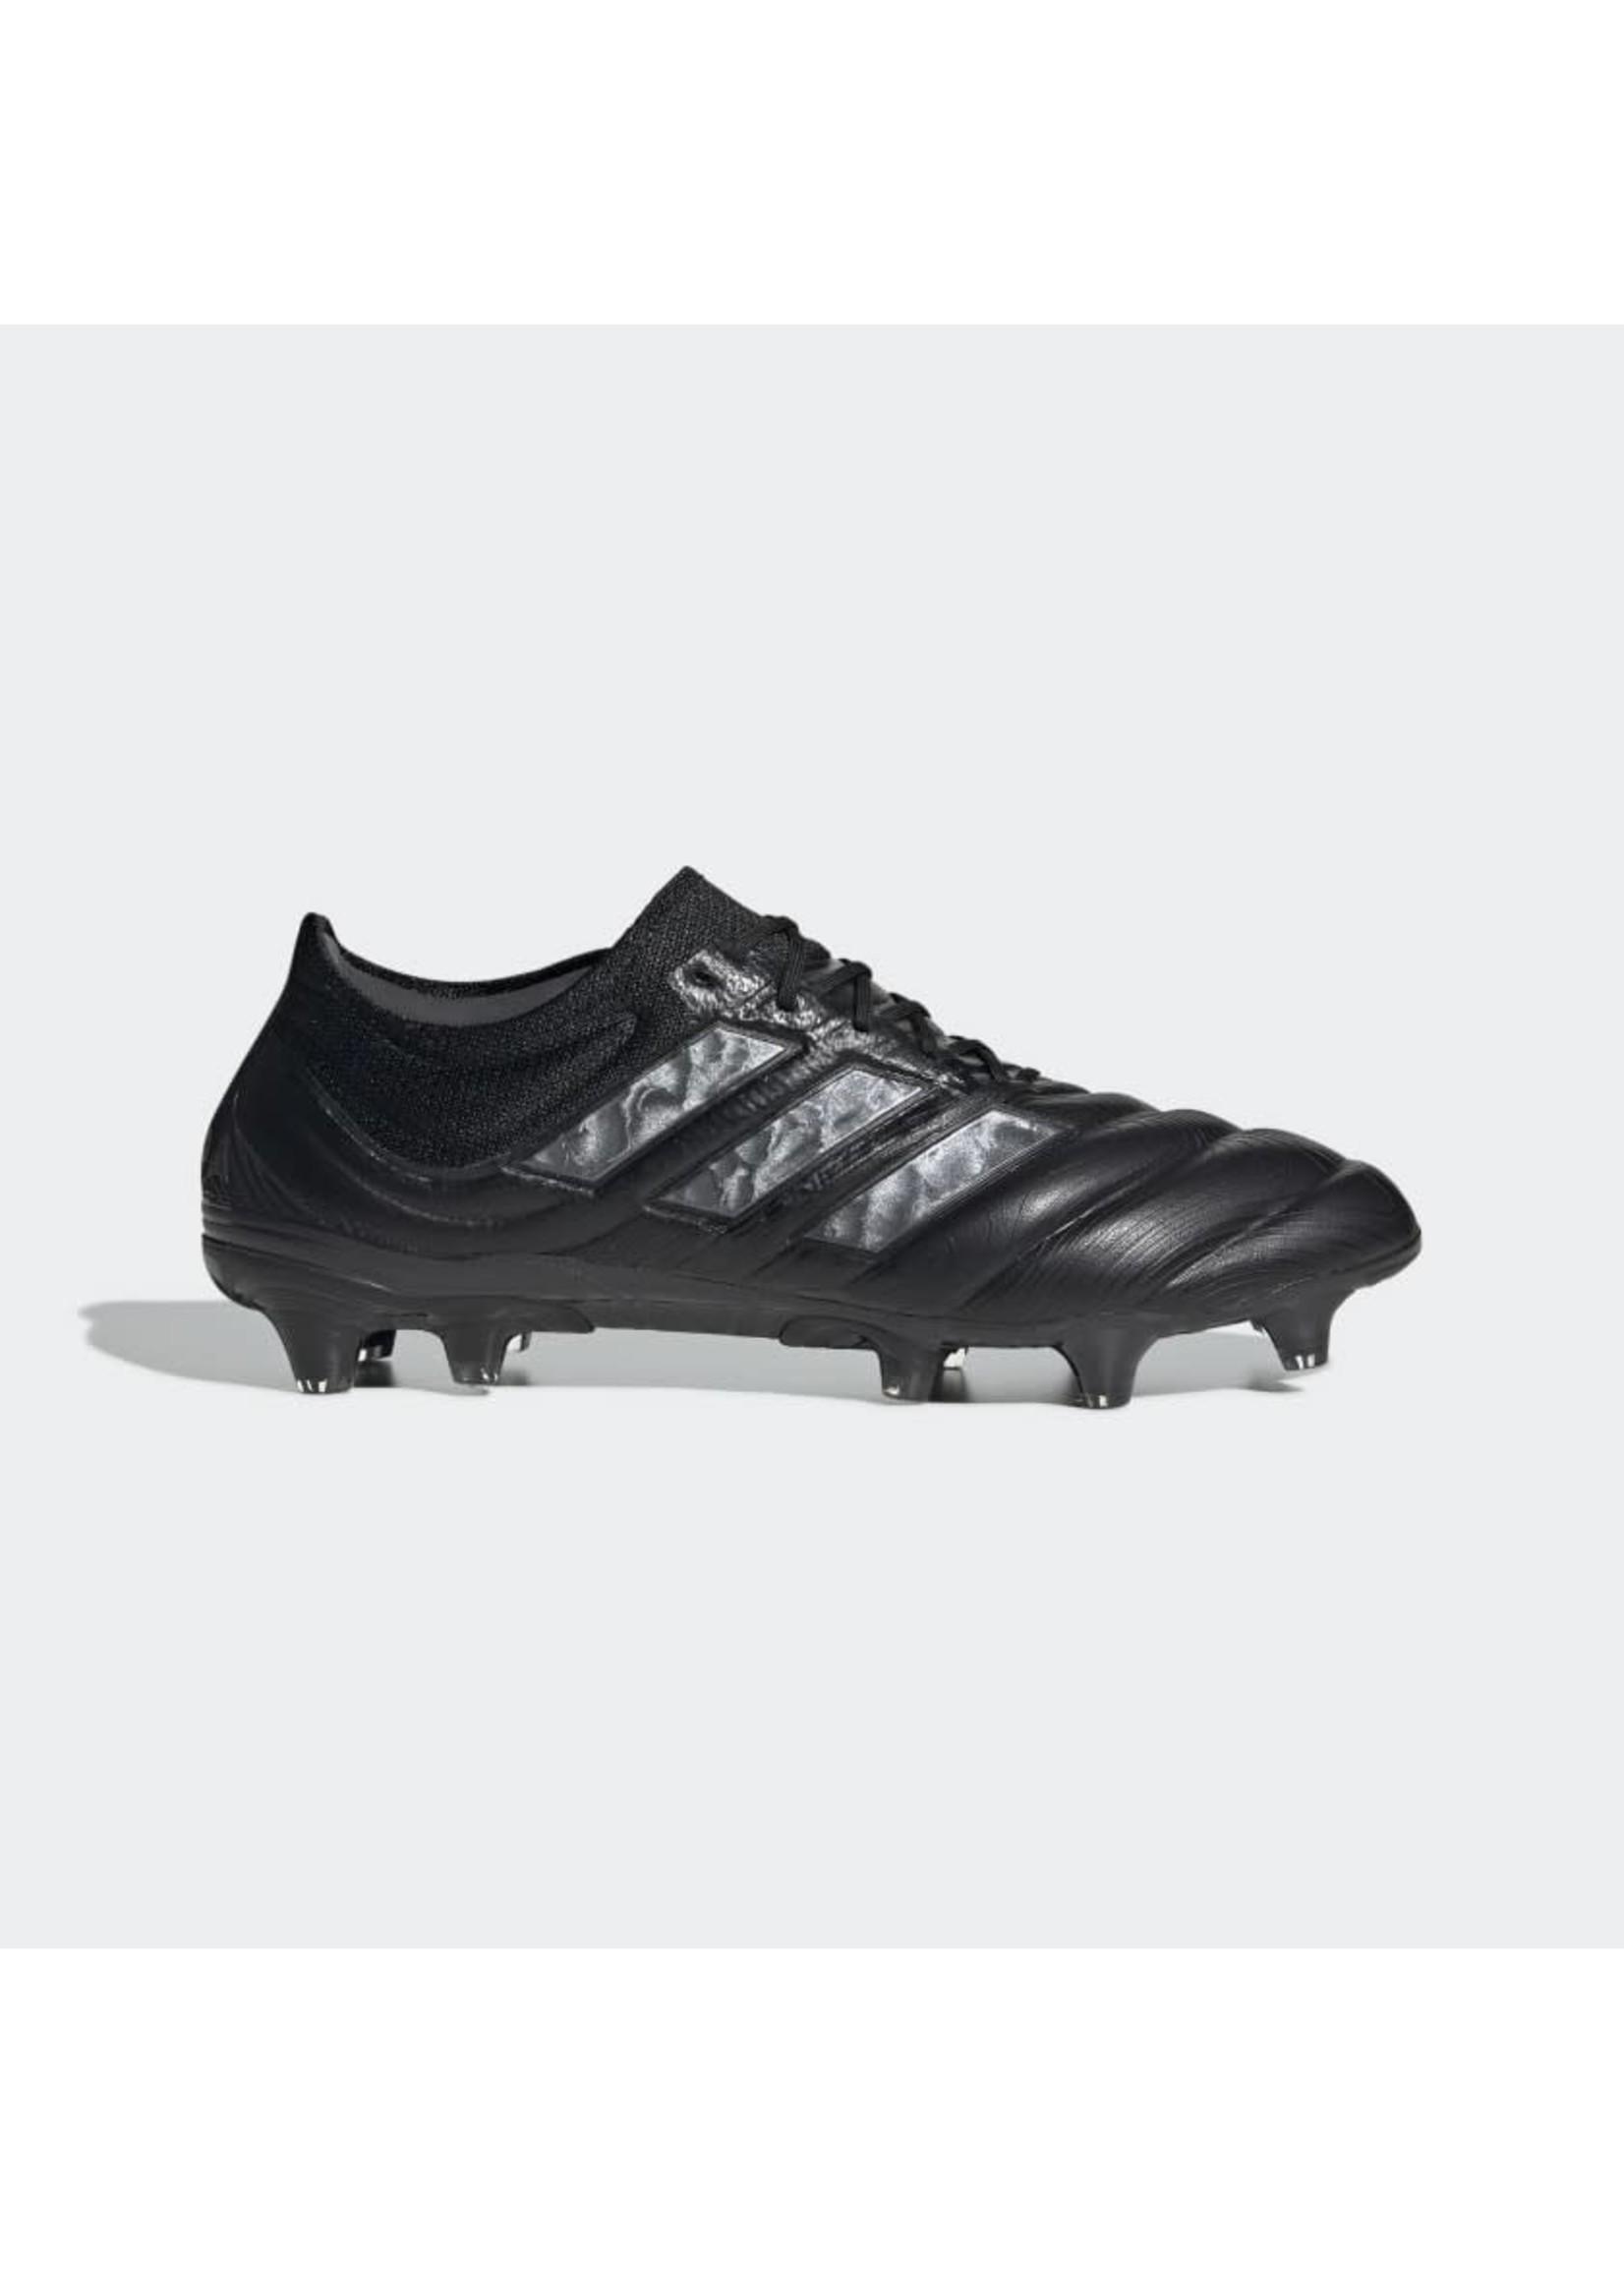 Adidas Copa 20.1 FG - Black/Black